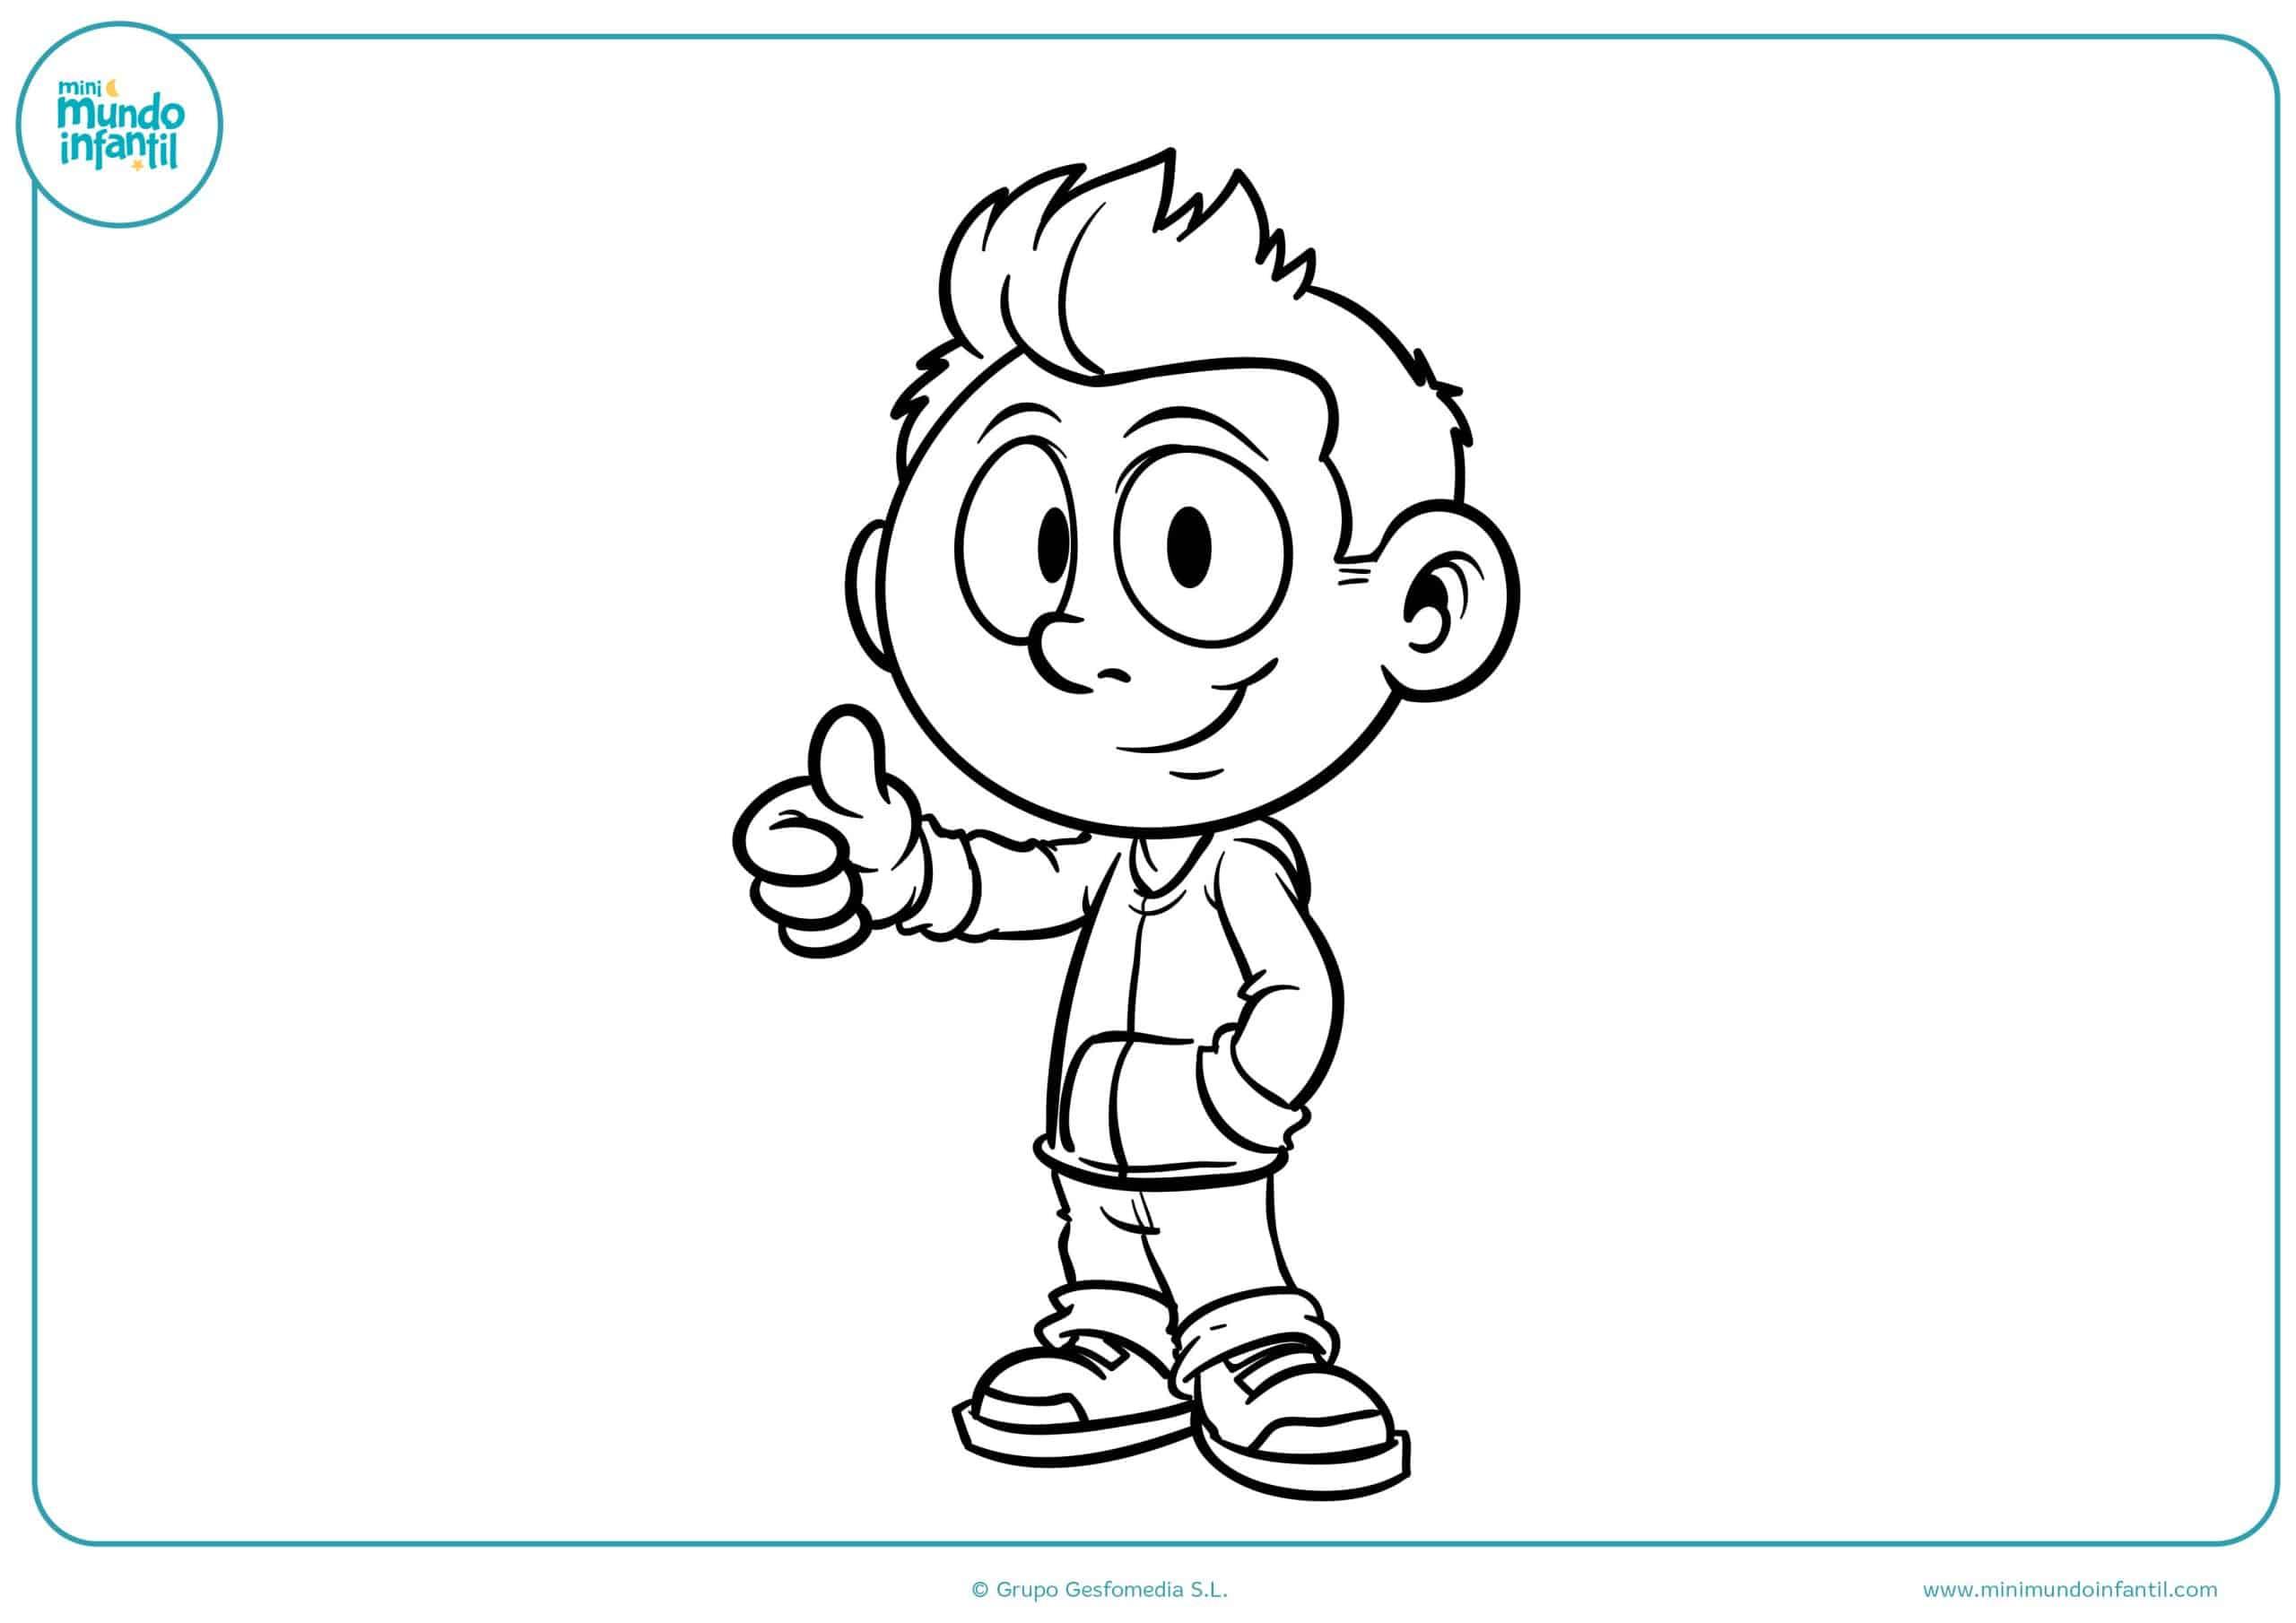 Imagenes Para Colorear De Niña: Dibujos De Niños Y Niñas Para Colorear